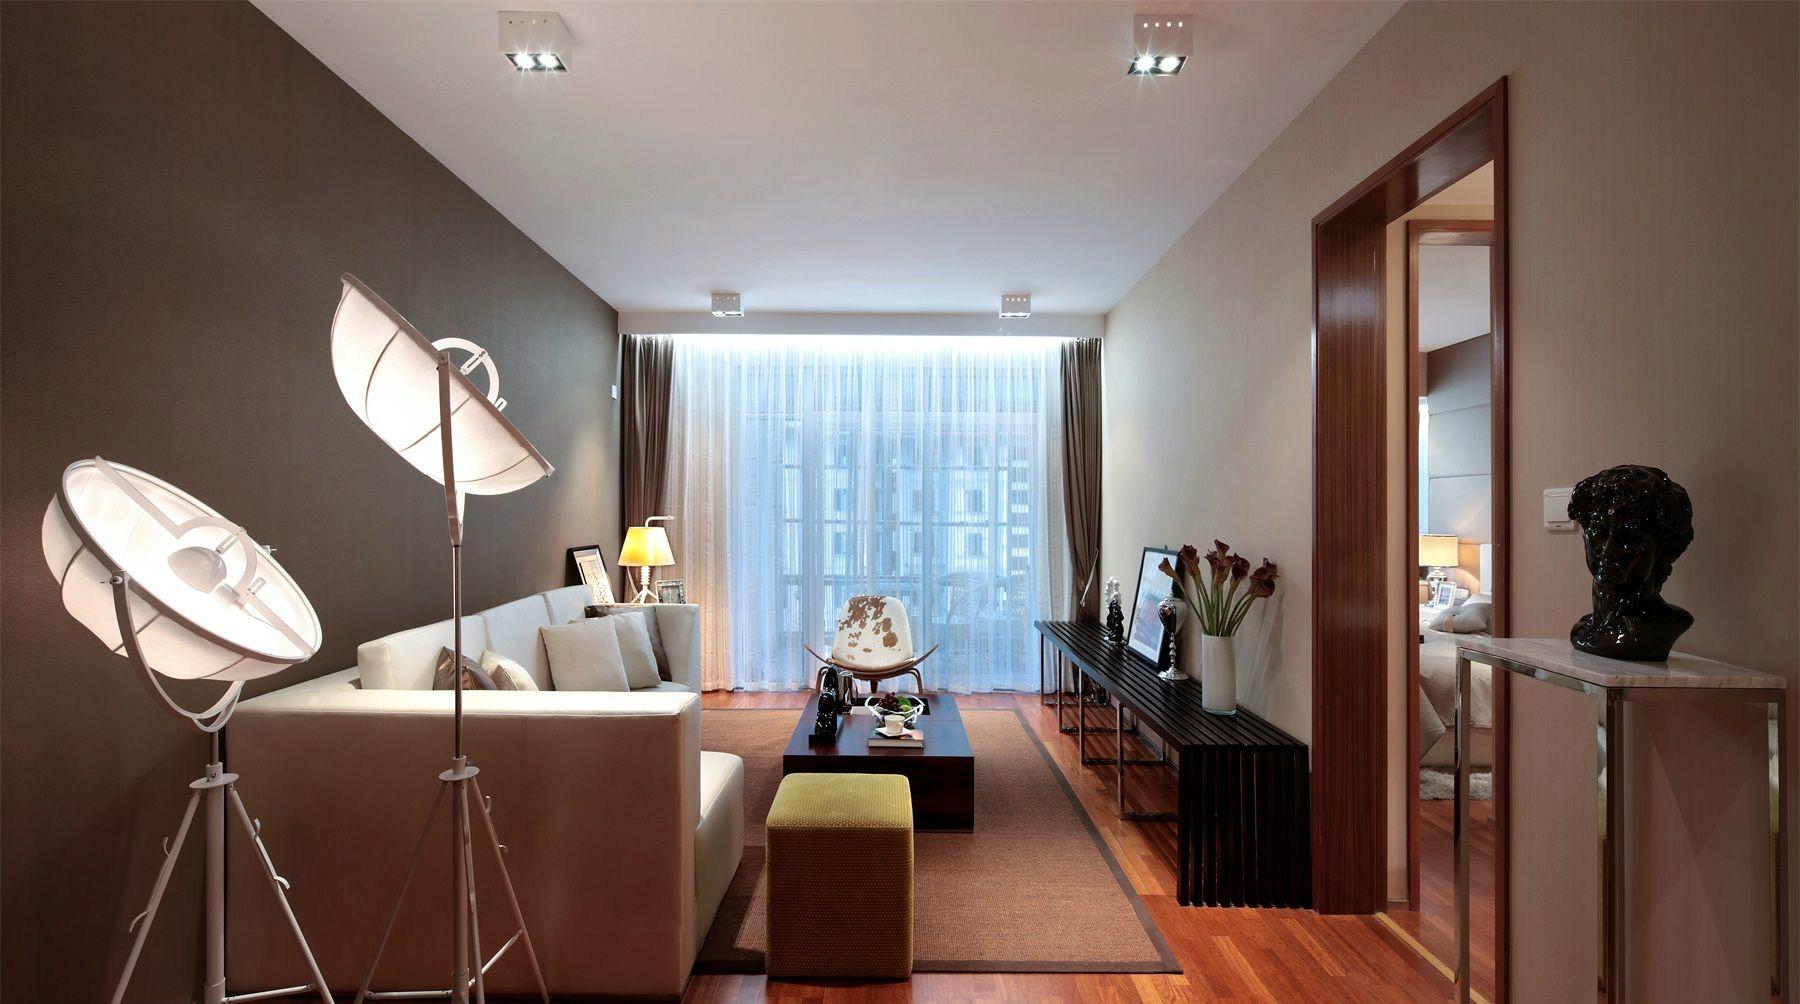 客厅是现代简约风中有着简约中的大气之感,整体的简约而不简单。